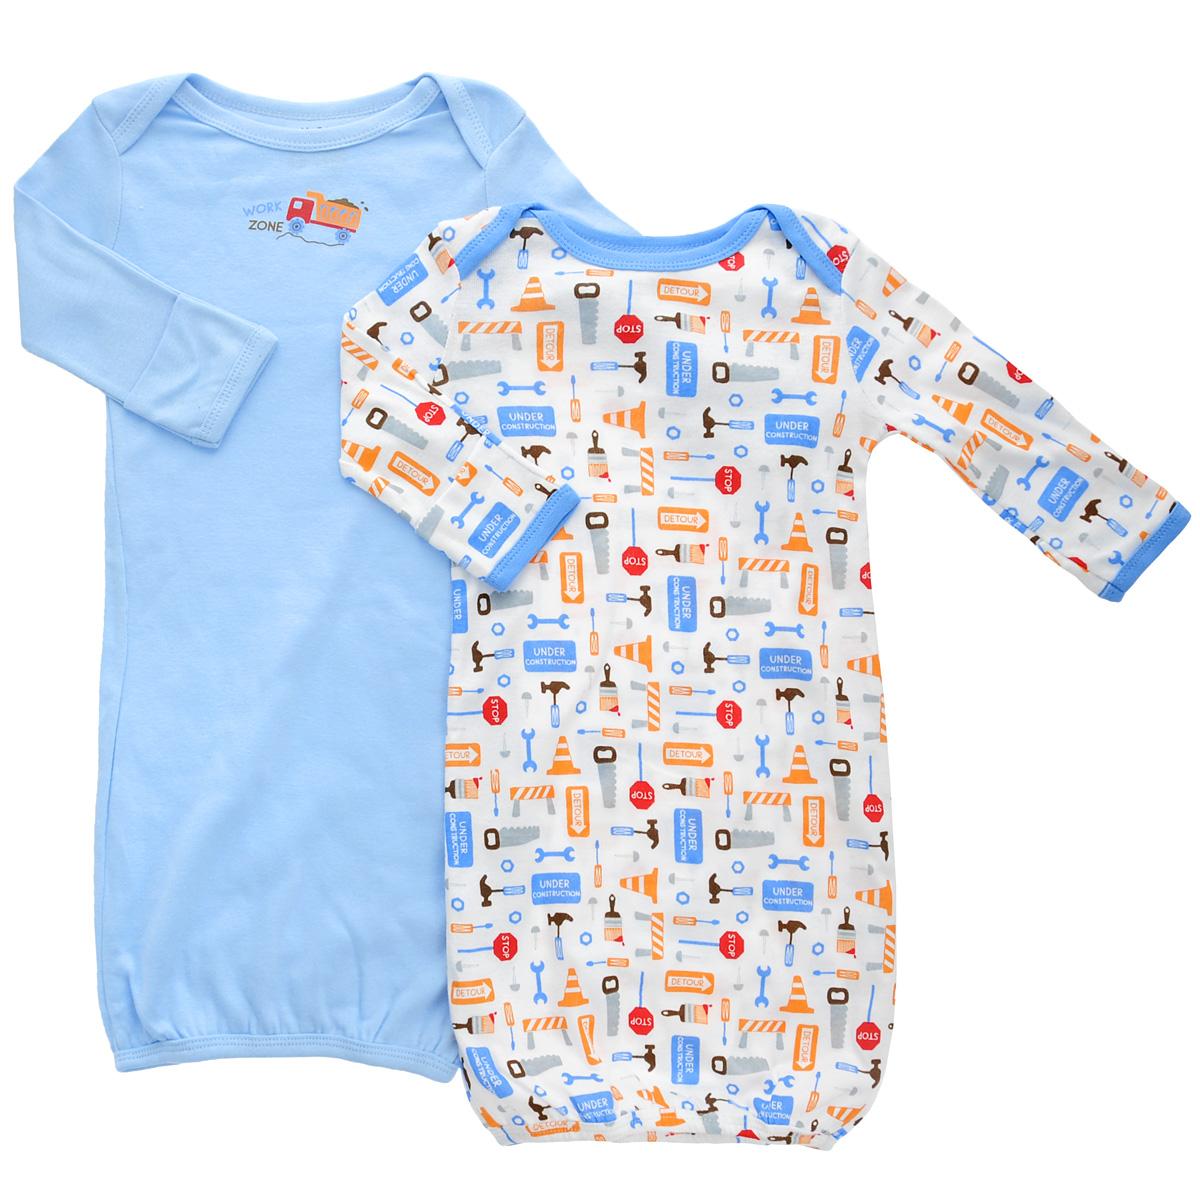 Ночная рубашка33010Детская ночная сорочка Luvable Friends с длинными рукавами послужит идеальным дополнением к гардеробу вашего малыша, обеспечивая ему наибольший комфорт во время сна. Сорочка изготовлена из натурального хлопка, благодаря чему она необычайно мягкая и легкая, не раздражает нежную кожу ребенка и хорошо вентилируется, а эластичные швы приятны телу младенца и не препятствуют его движениям. Удобные запахи на плечах помогают легко переодеть младенца, а широкое, растягивающееся отверстие снизу позволяет легко менять подгузник в случае необходимости. Рукава снизу дополнены антицарапками. Ночная сорочка полностью соответствует особенностям жизни ребенка в ранний период, не стесняя и не ограничивая его в движениях. В комплект входят две сорочки: одна - однотонного цвета, а другая оформлена оригинальным принтом.